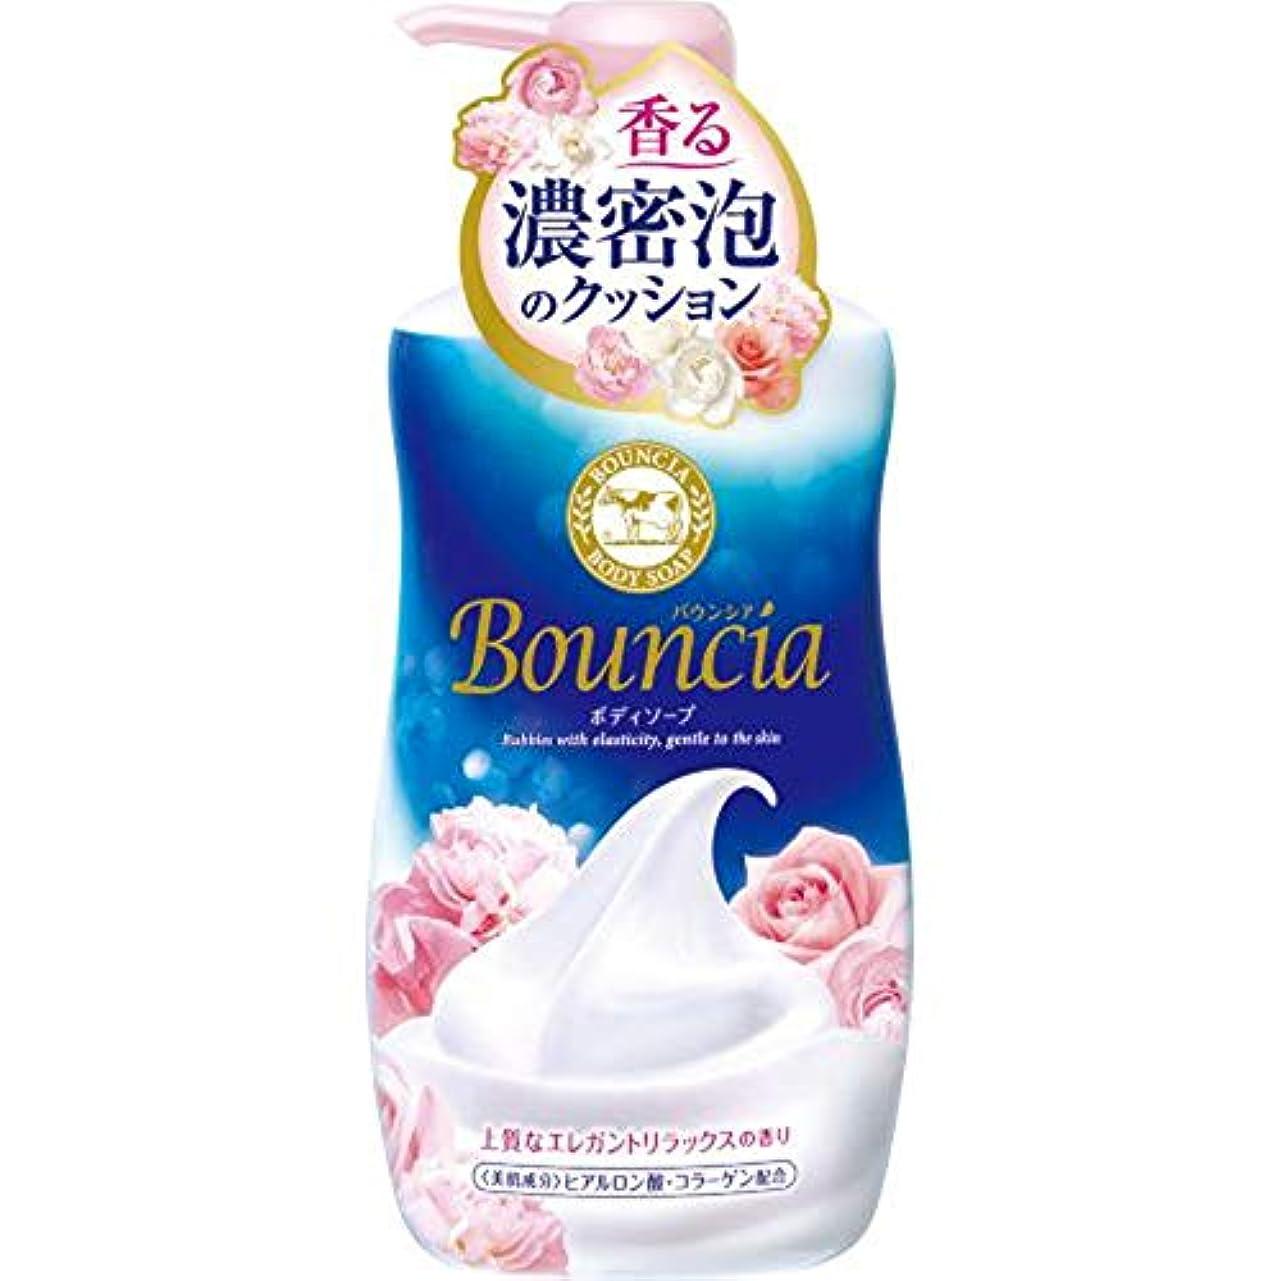 責任者相談サイレントバウンシア ボディソープ エレガントリラックスの香り ポンプ 550mL